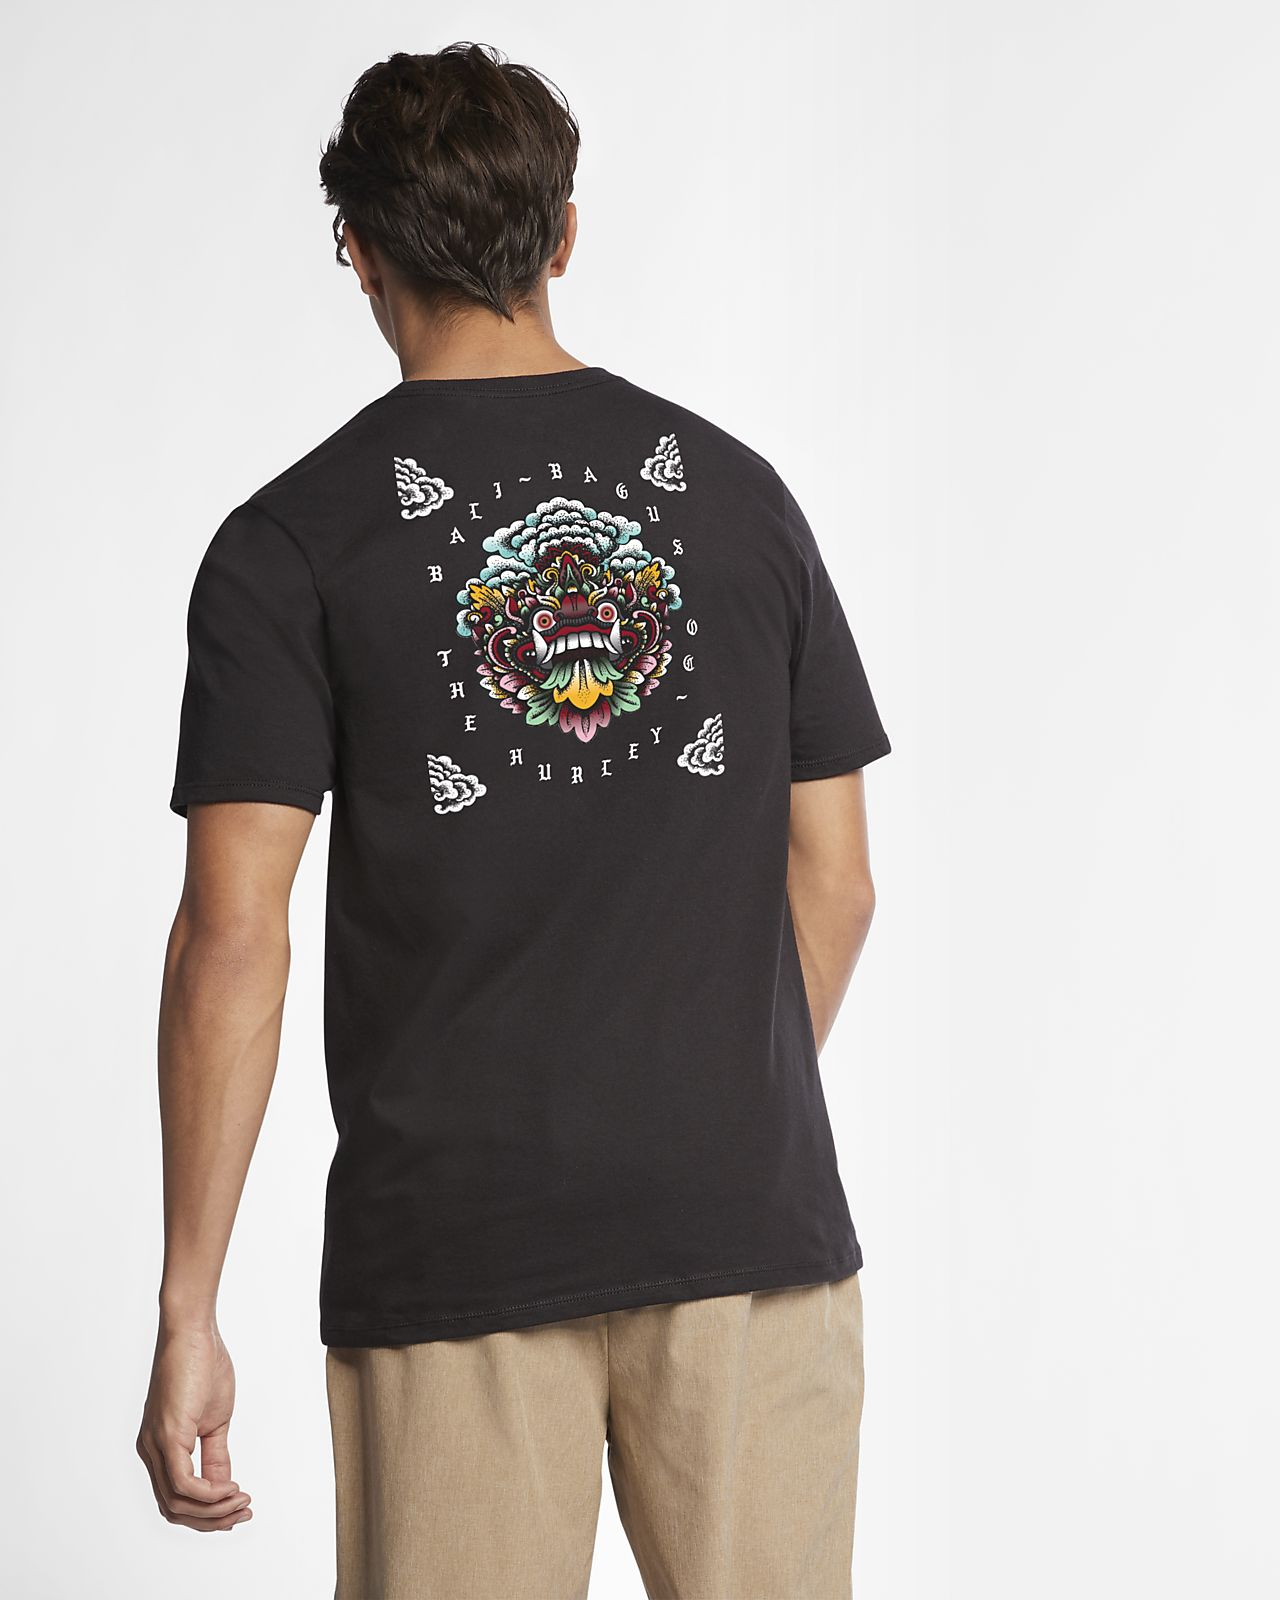 Hurley Premium Bagus  Men's T-Shirt